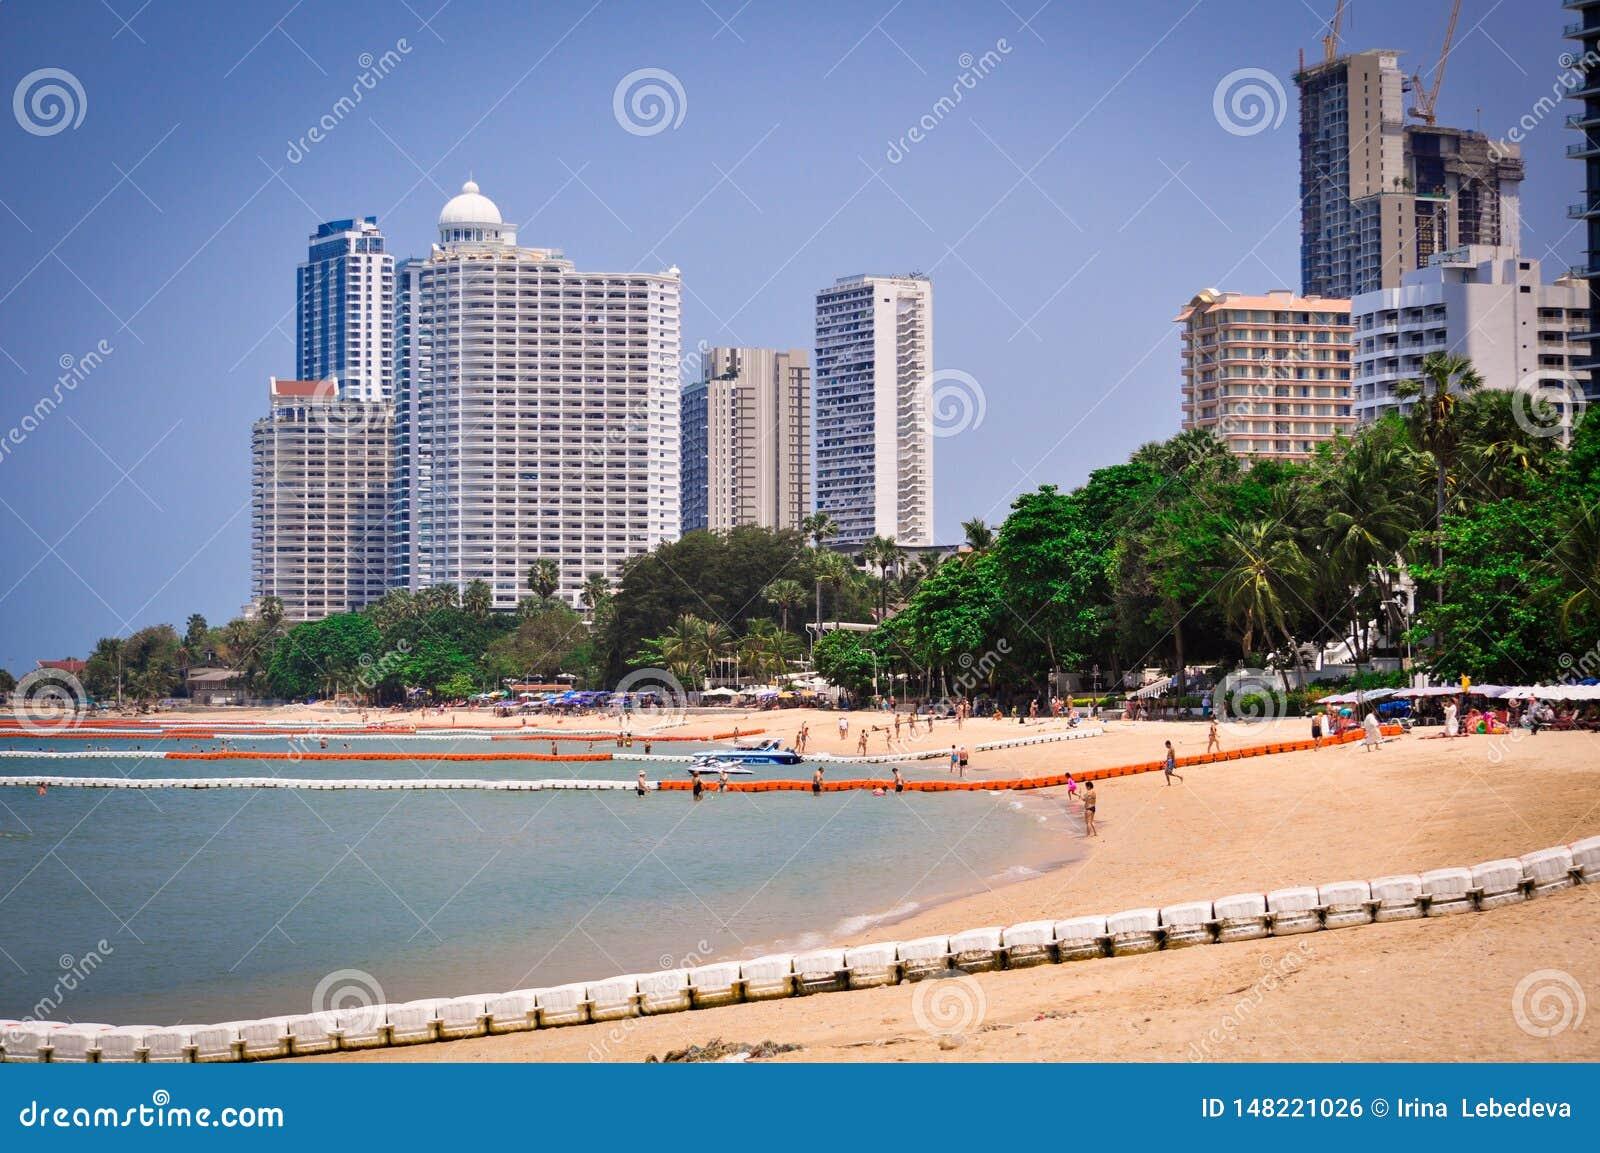 Песчаный пляж и вид на море высотных зданий в Паттайя, Таиланде